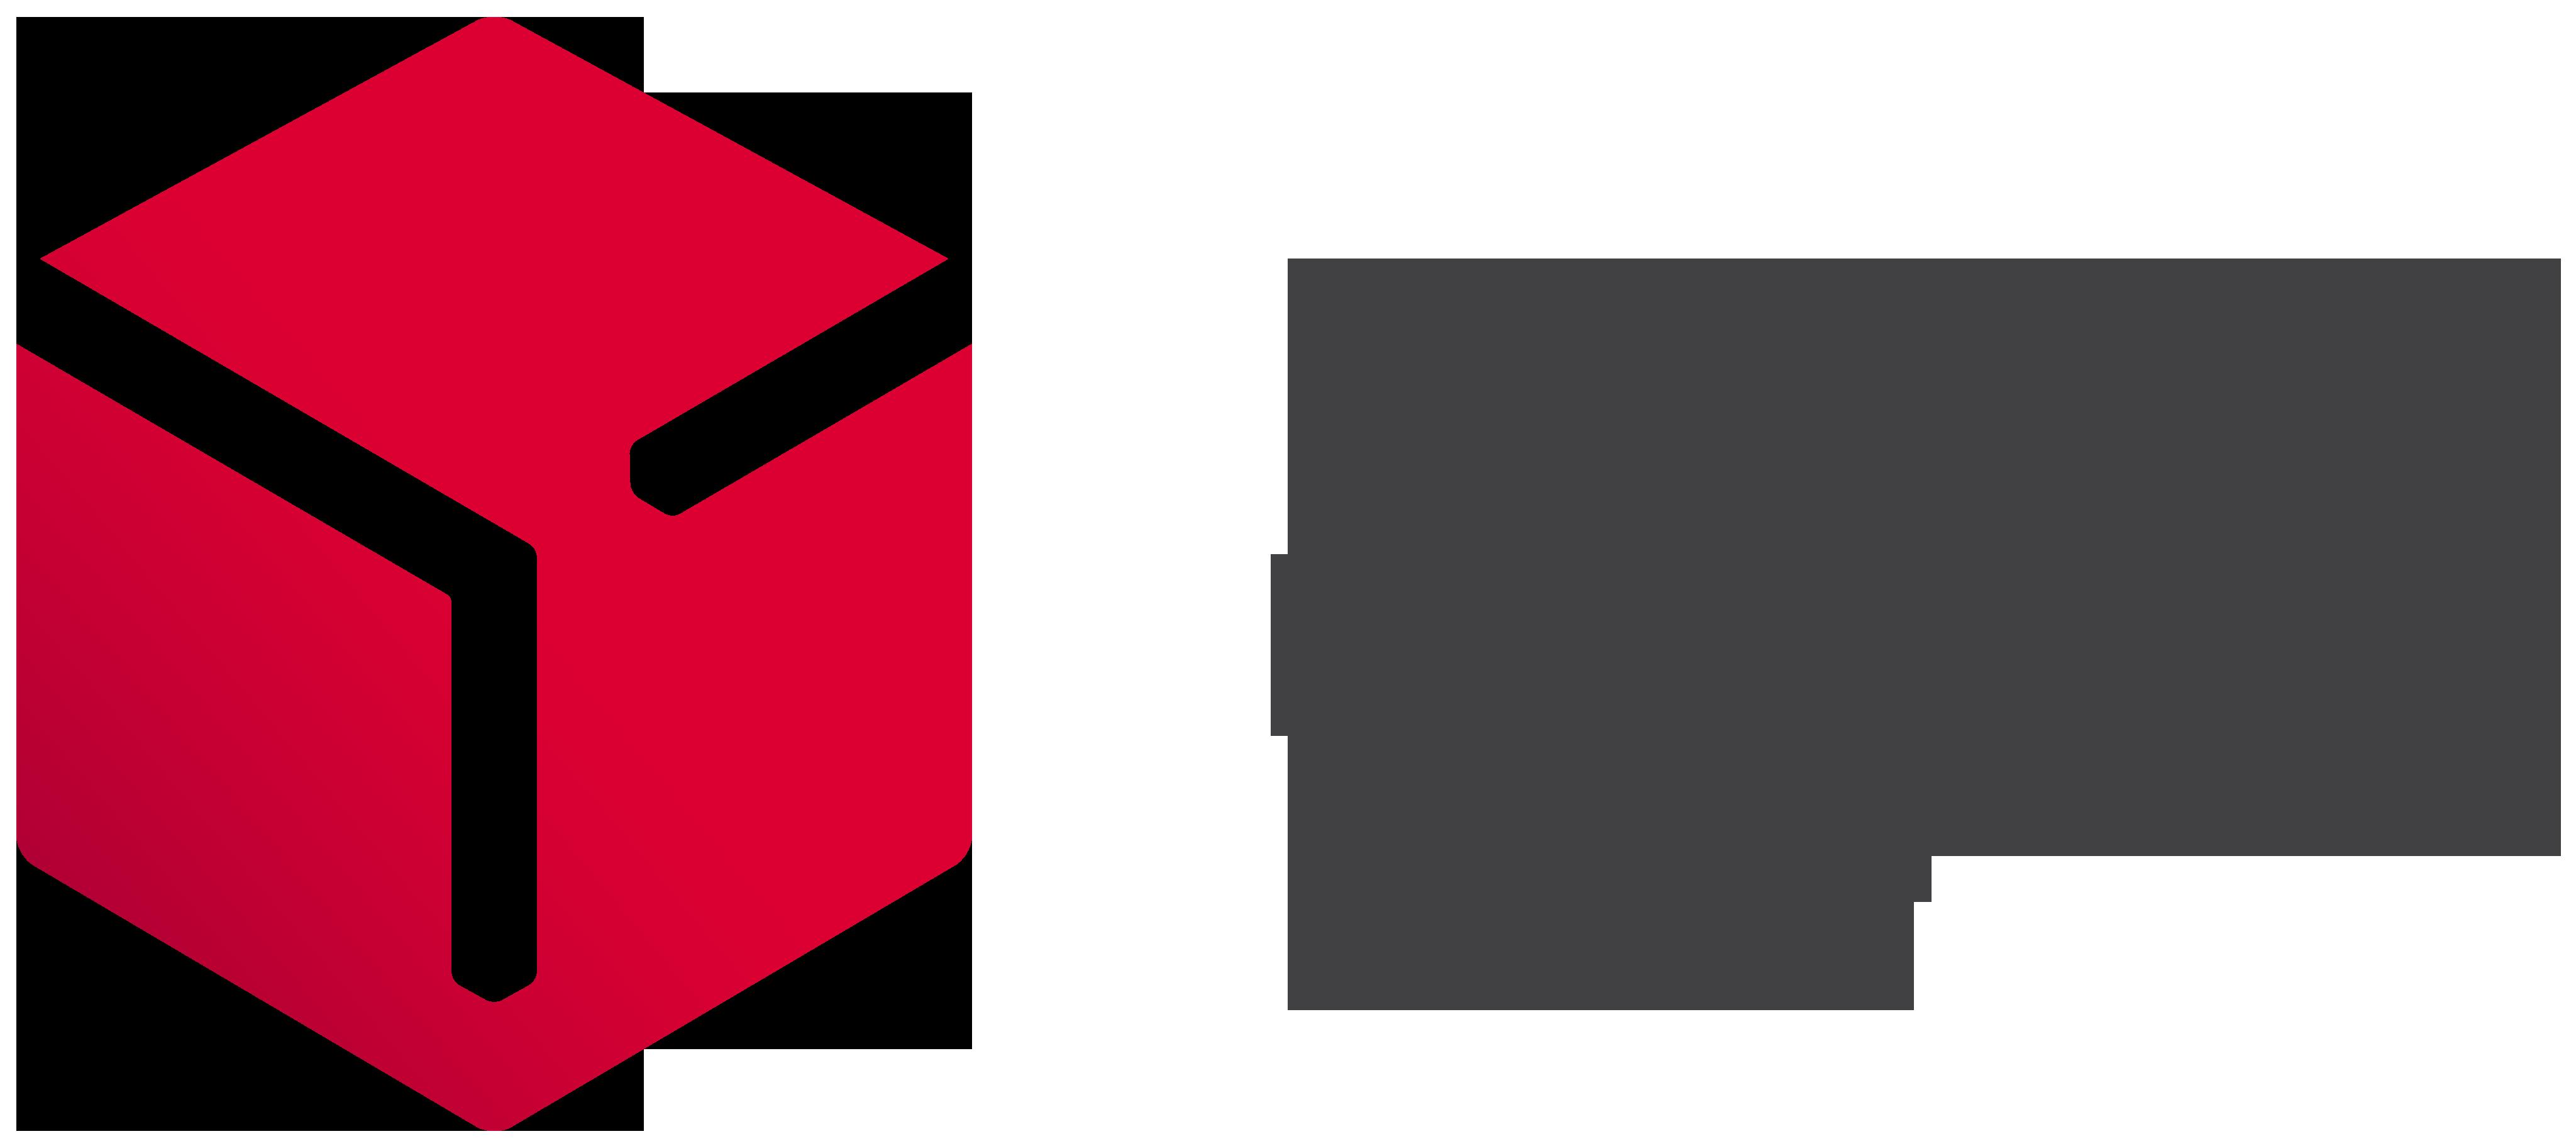 Lieferung innerhalb Deutschlands mit DPD